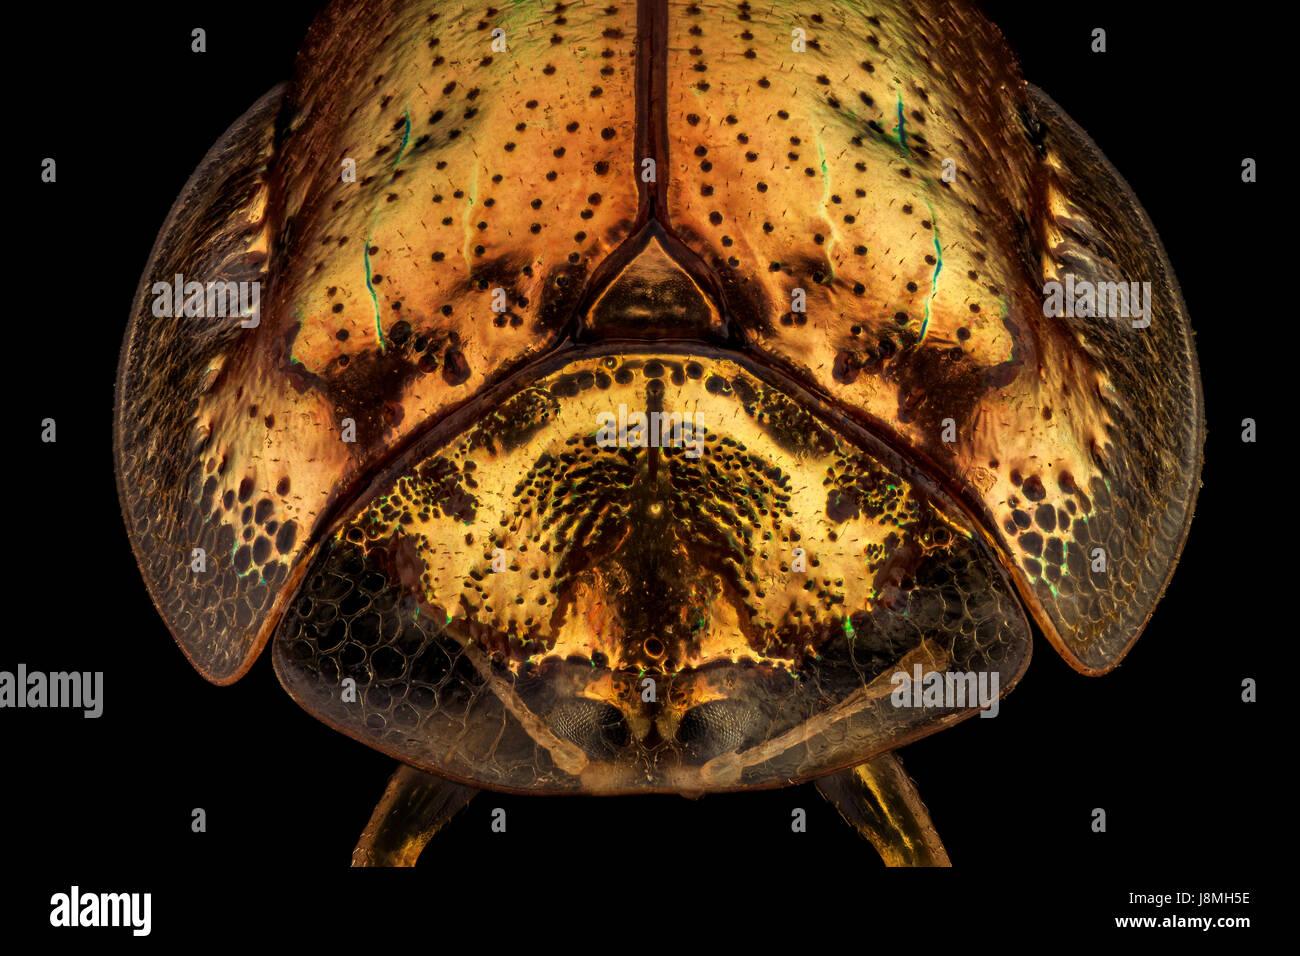 Vista frontal de una tortuga de oro.El escarabajo de oro el escarabajo de tortuga es una especie de escarabajo en Foto de stock